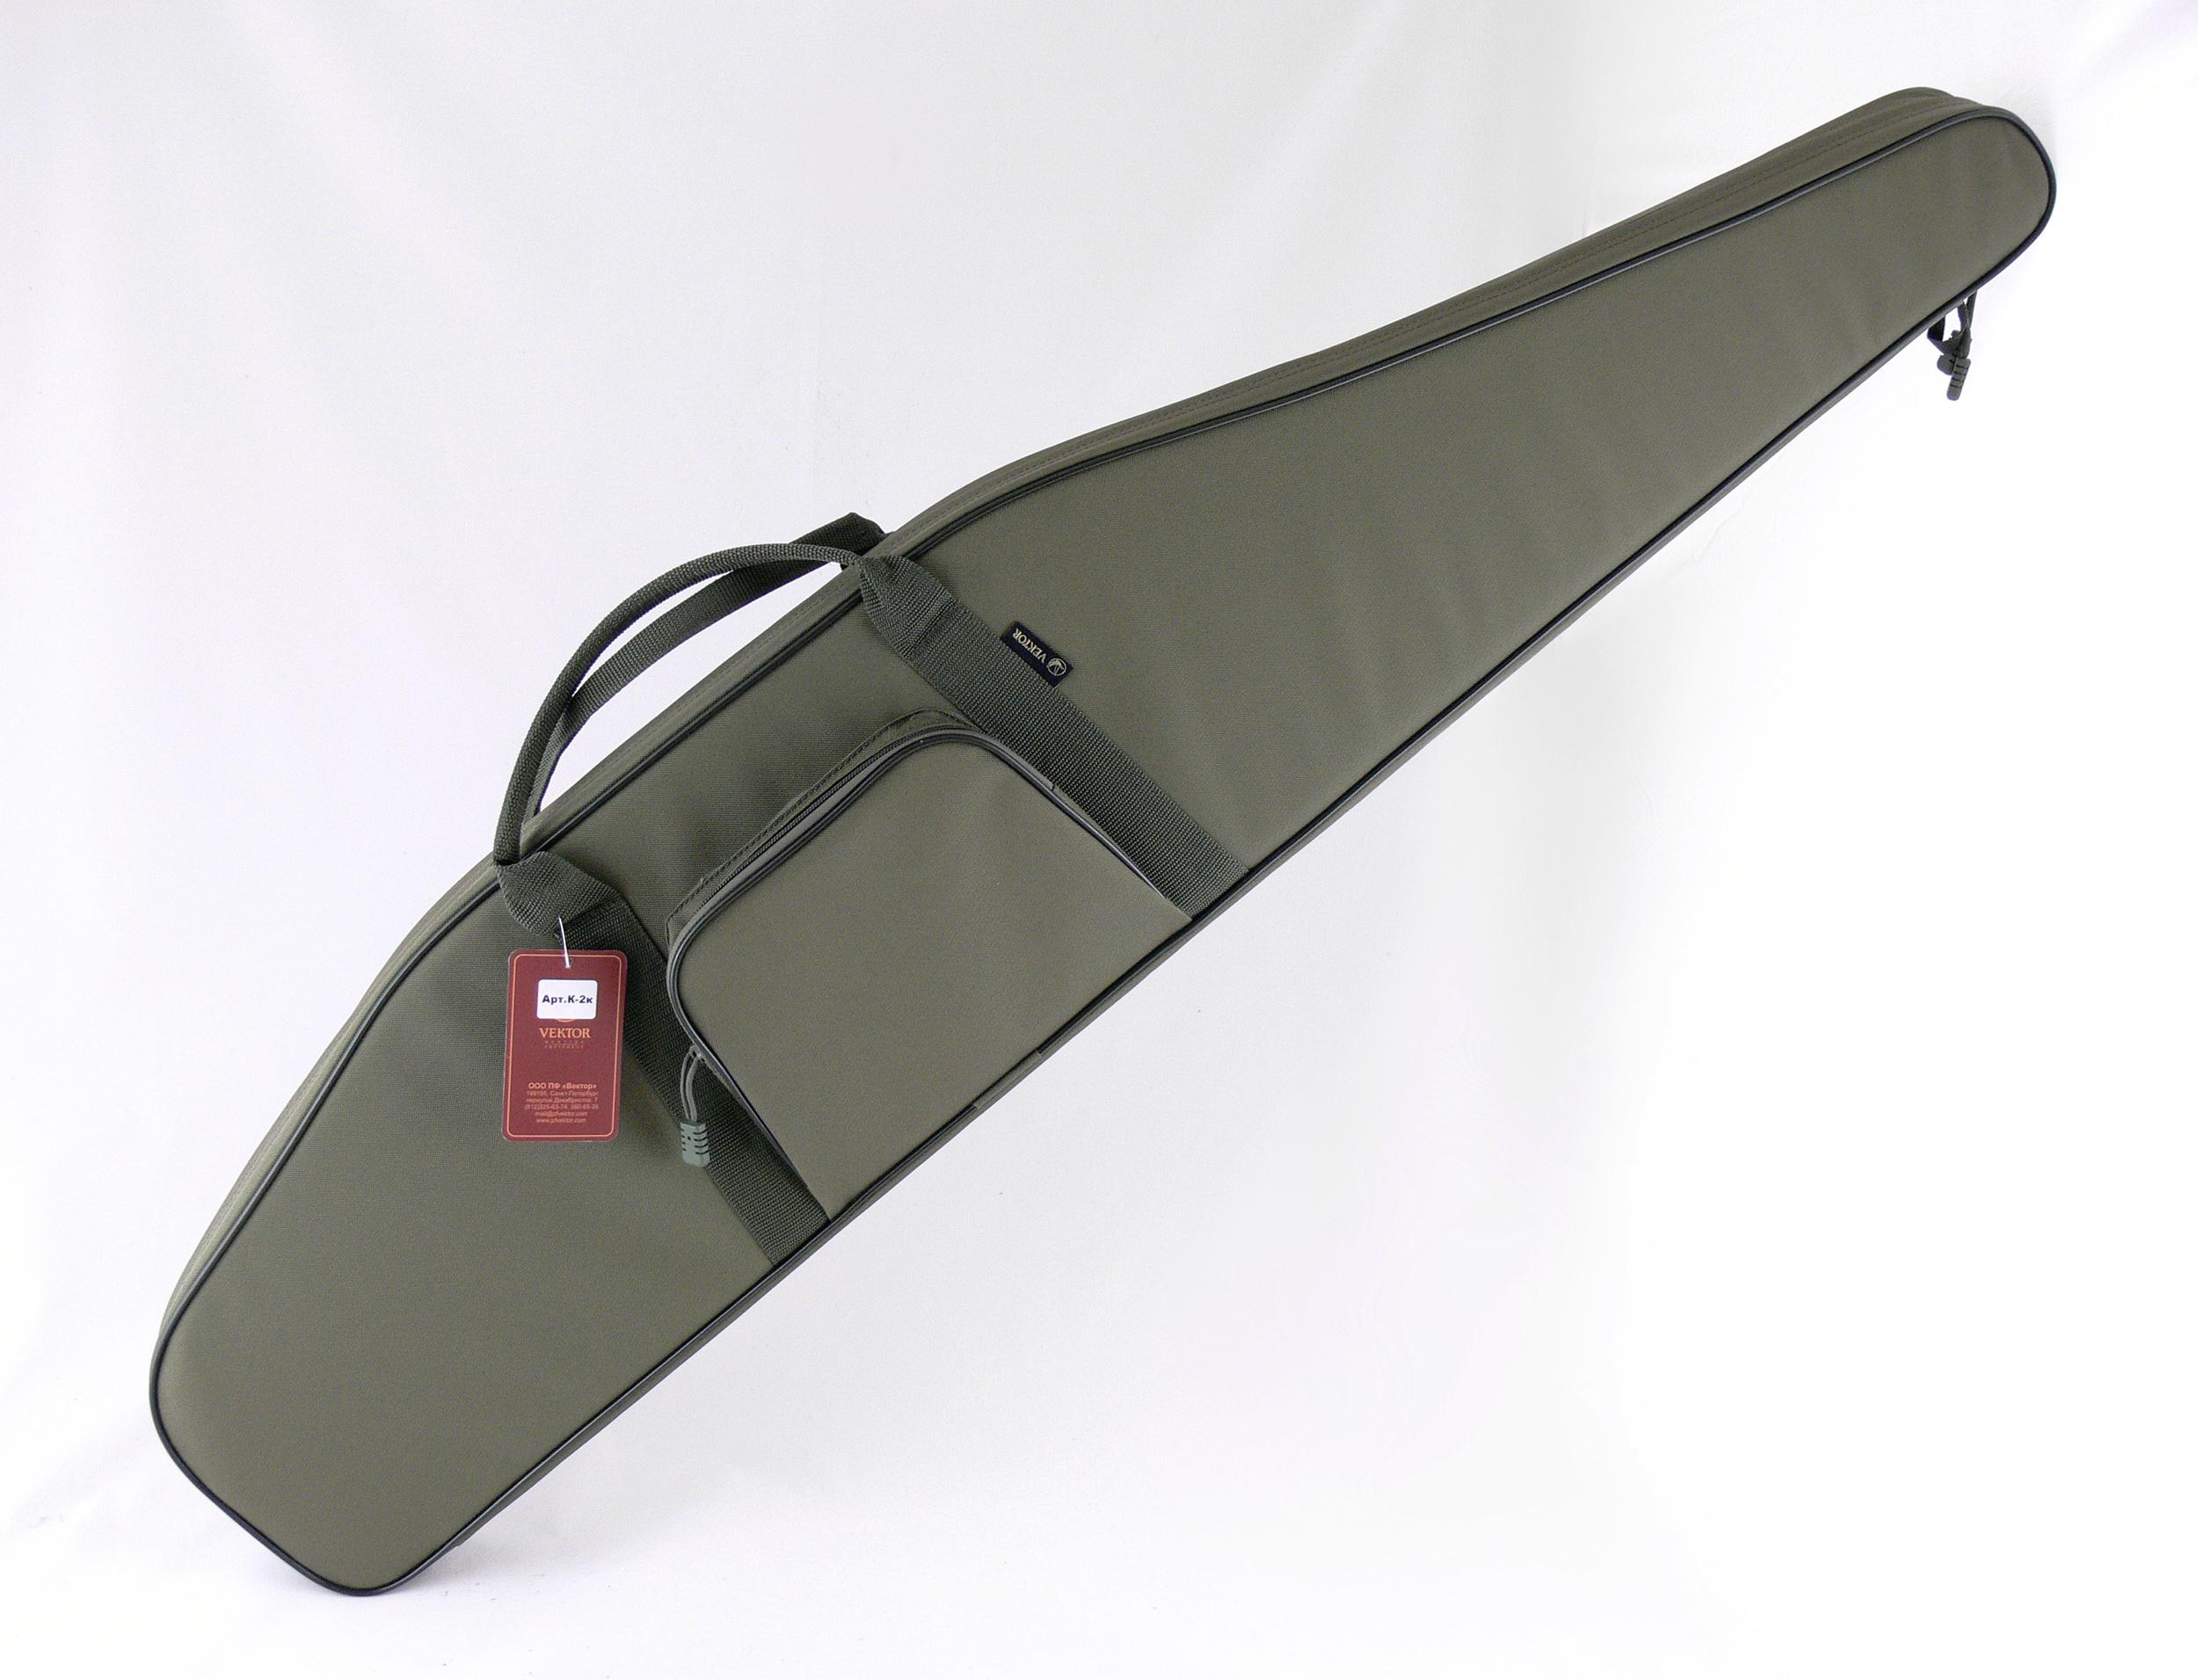 Чехол для винтовки Vektor, цвет: зеленый, с оптическим прицелом, длина 125 см. К-2к